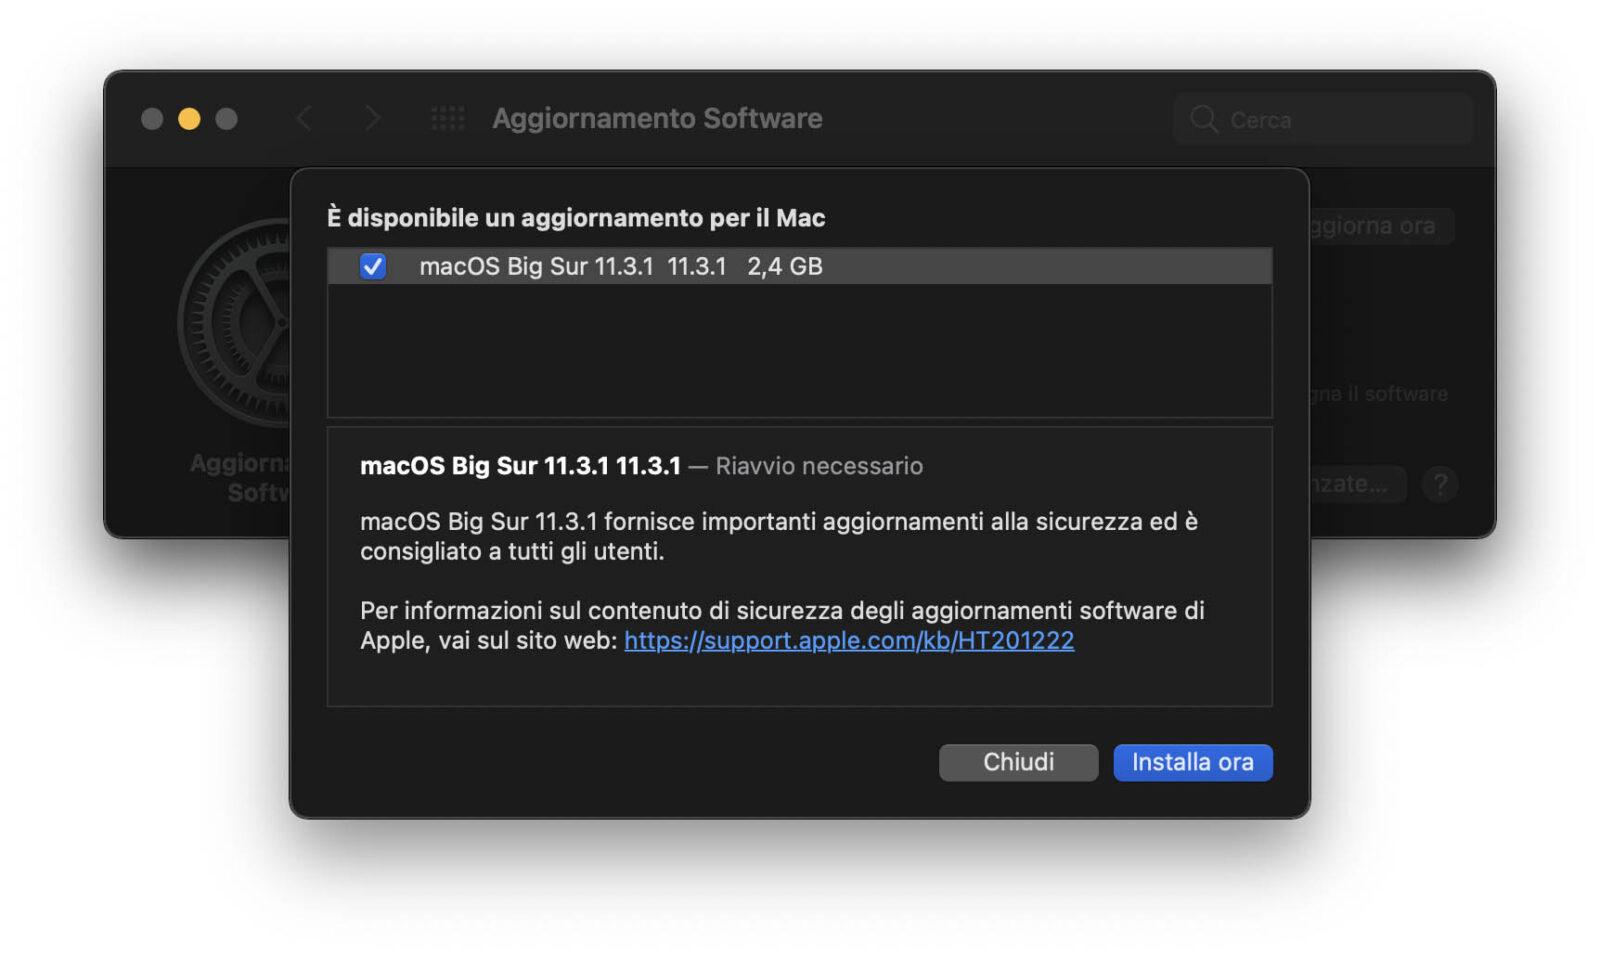 Rilasciato aggiornamento a macOS Big Sur 11.3.1 con fix per la sicurezza